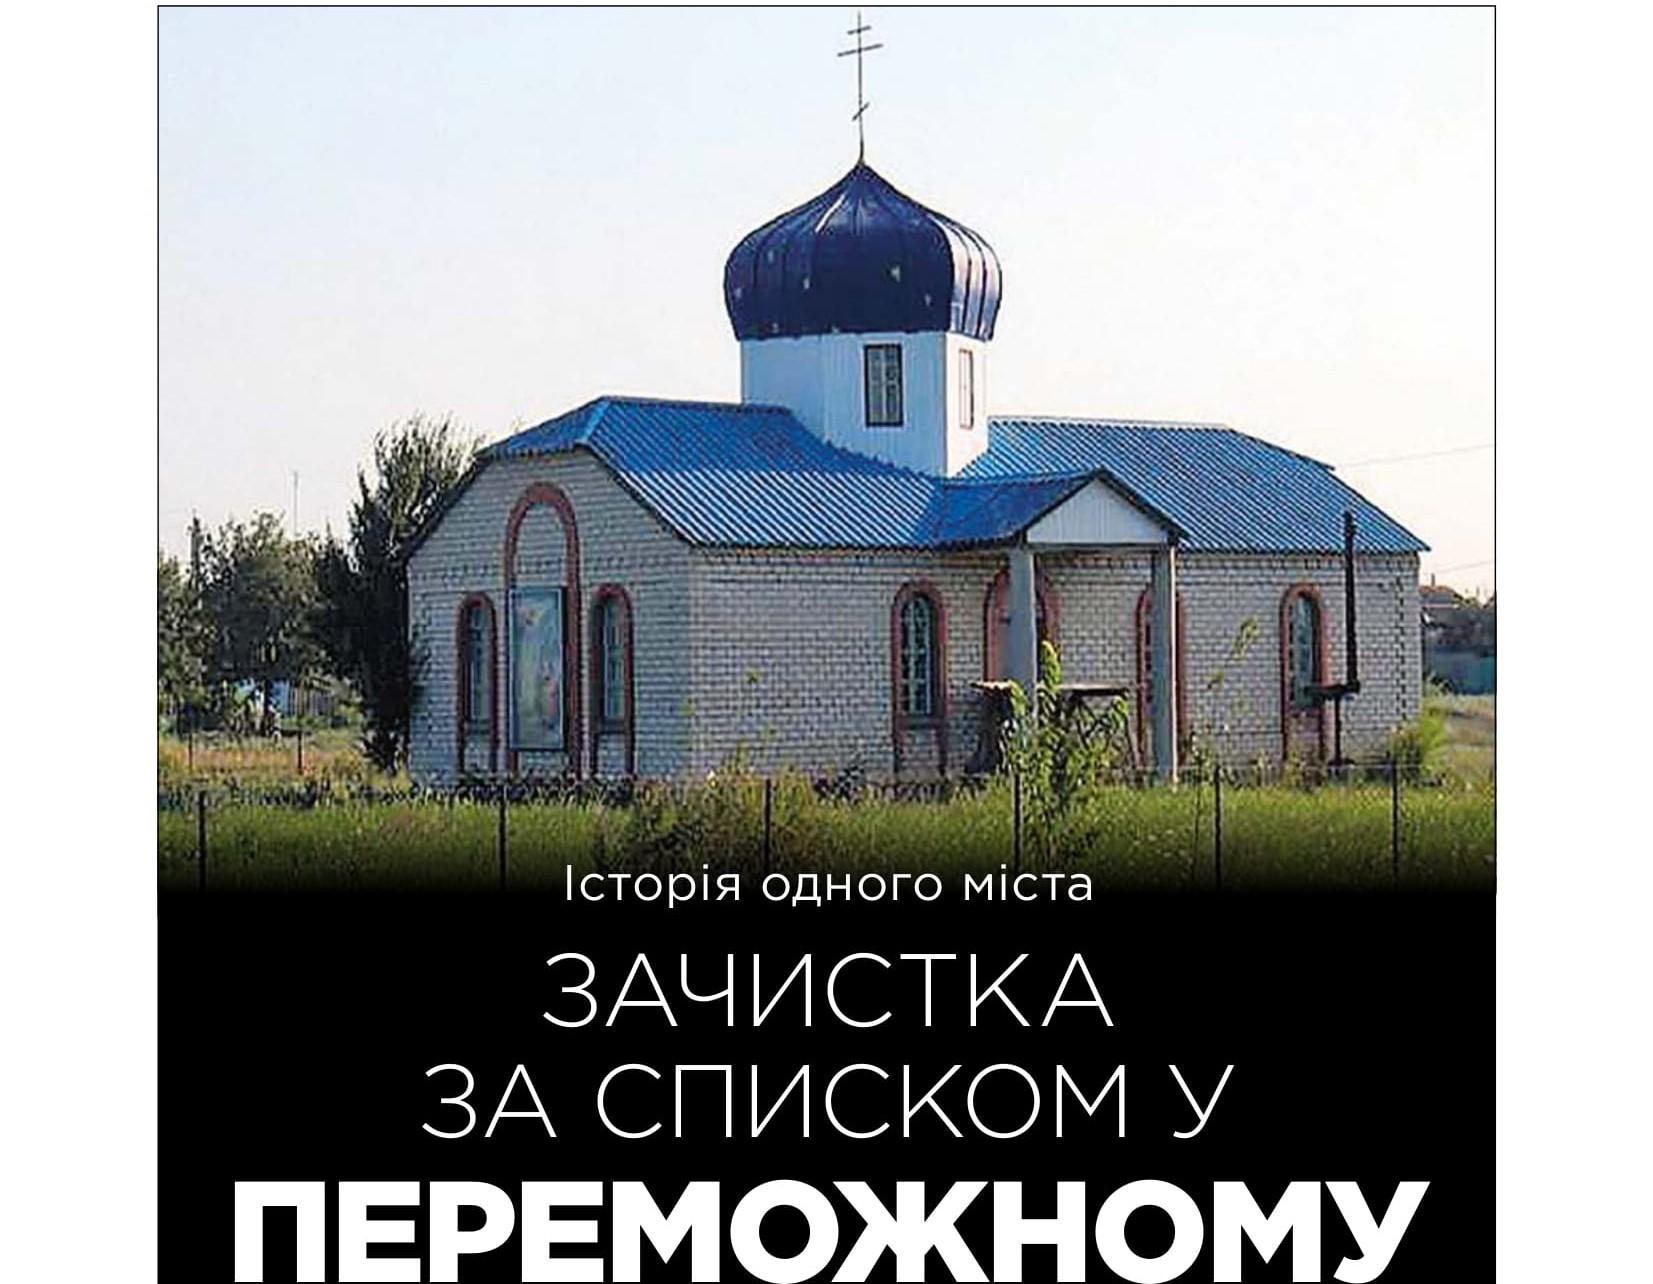 Вийшов новий звіт УГСПЛ «Історія одного міста: зачистка за списком у Переможному»